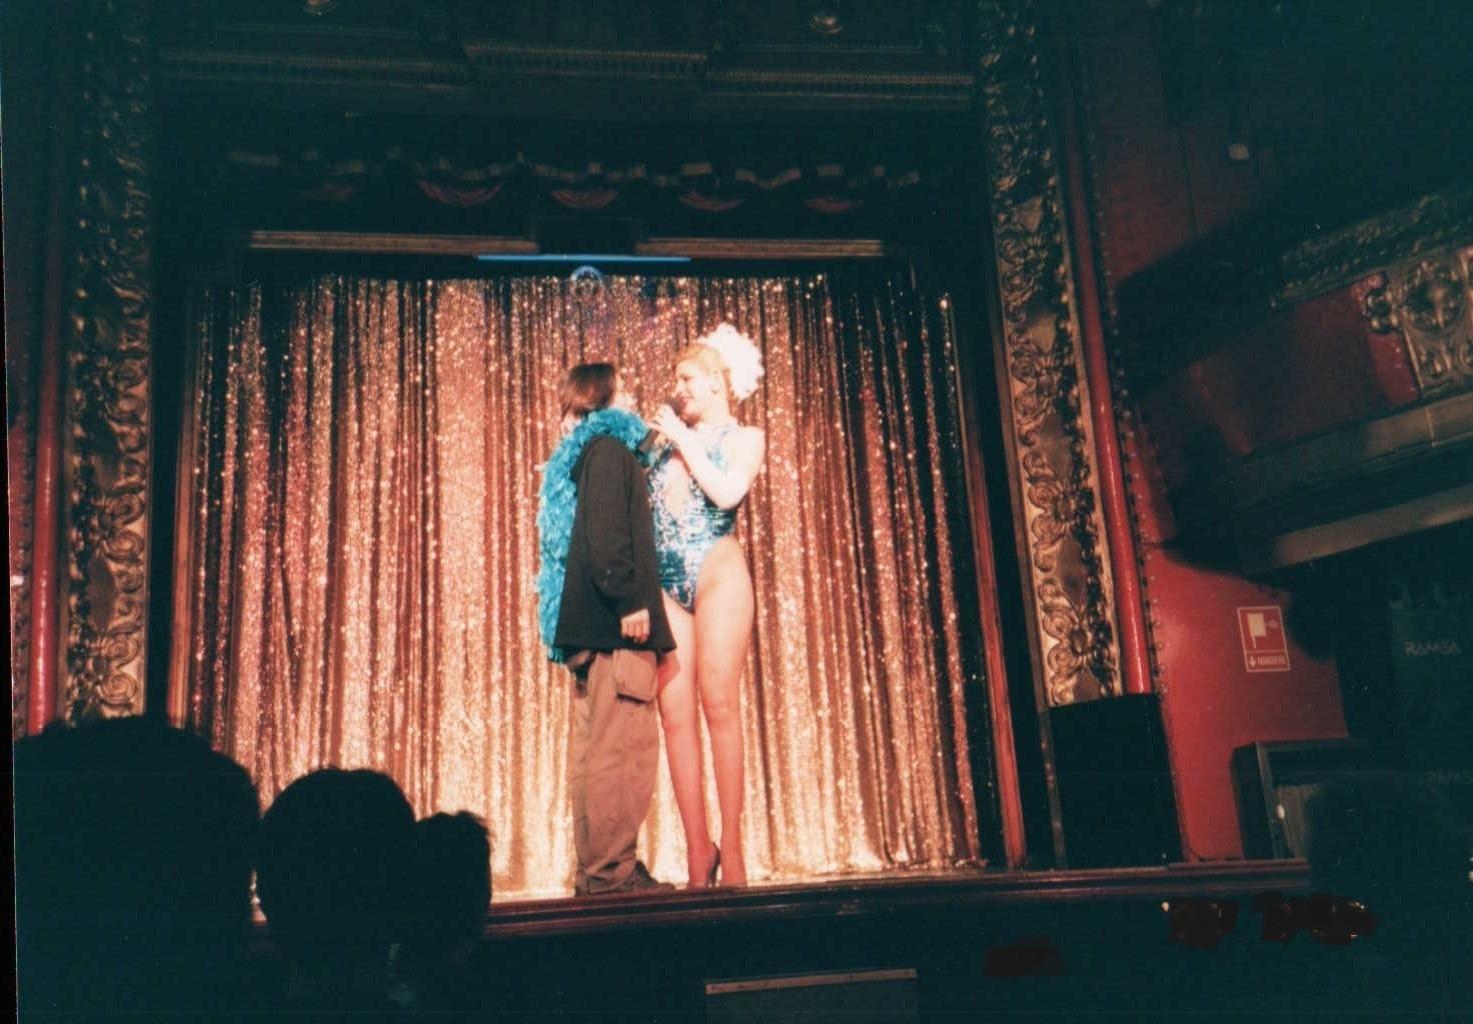 ブロードウェイの小劇場でステージに上げられてみたり・・・